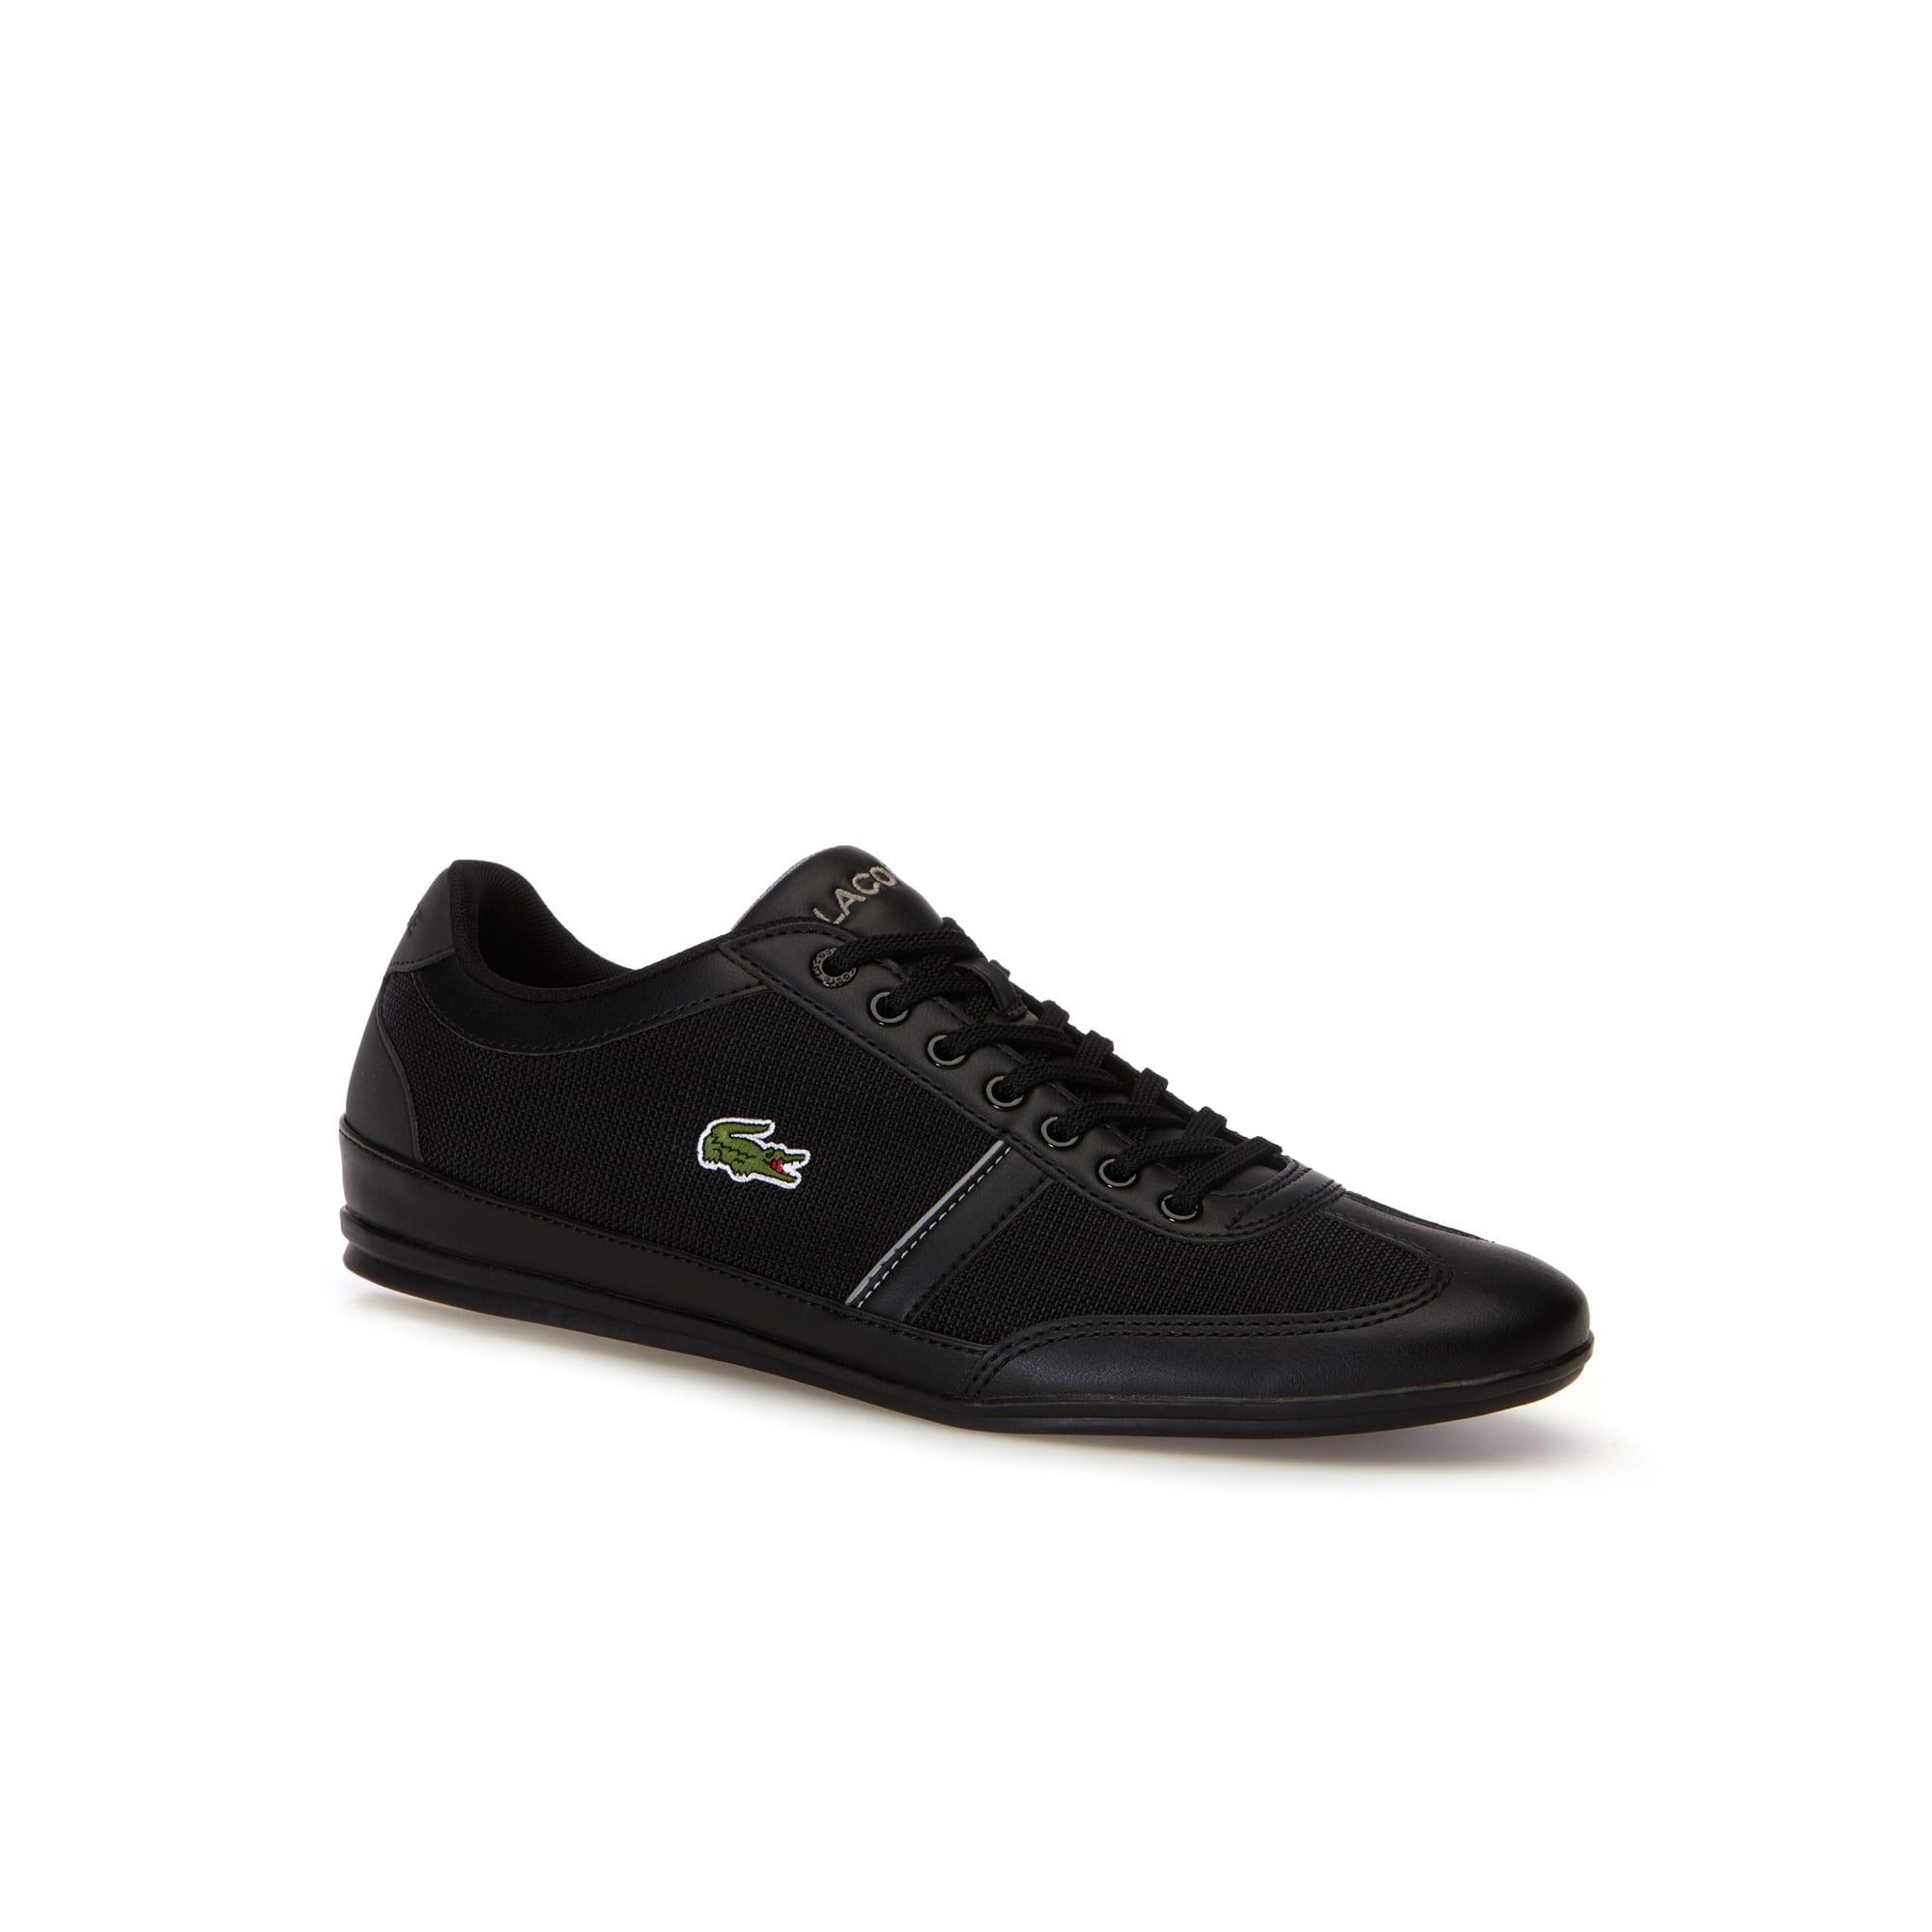 Sneakers Misano Sport homme en textile et synthétique